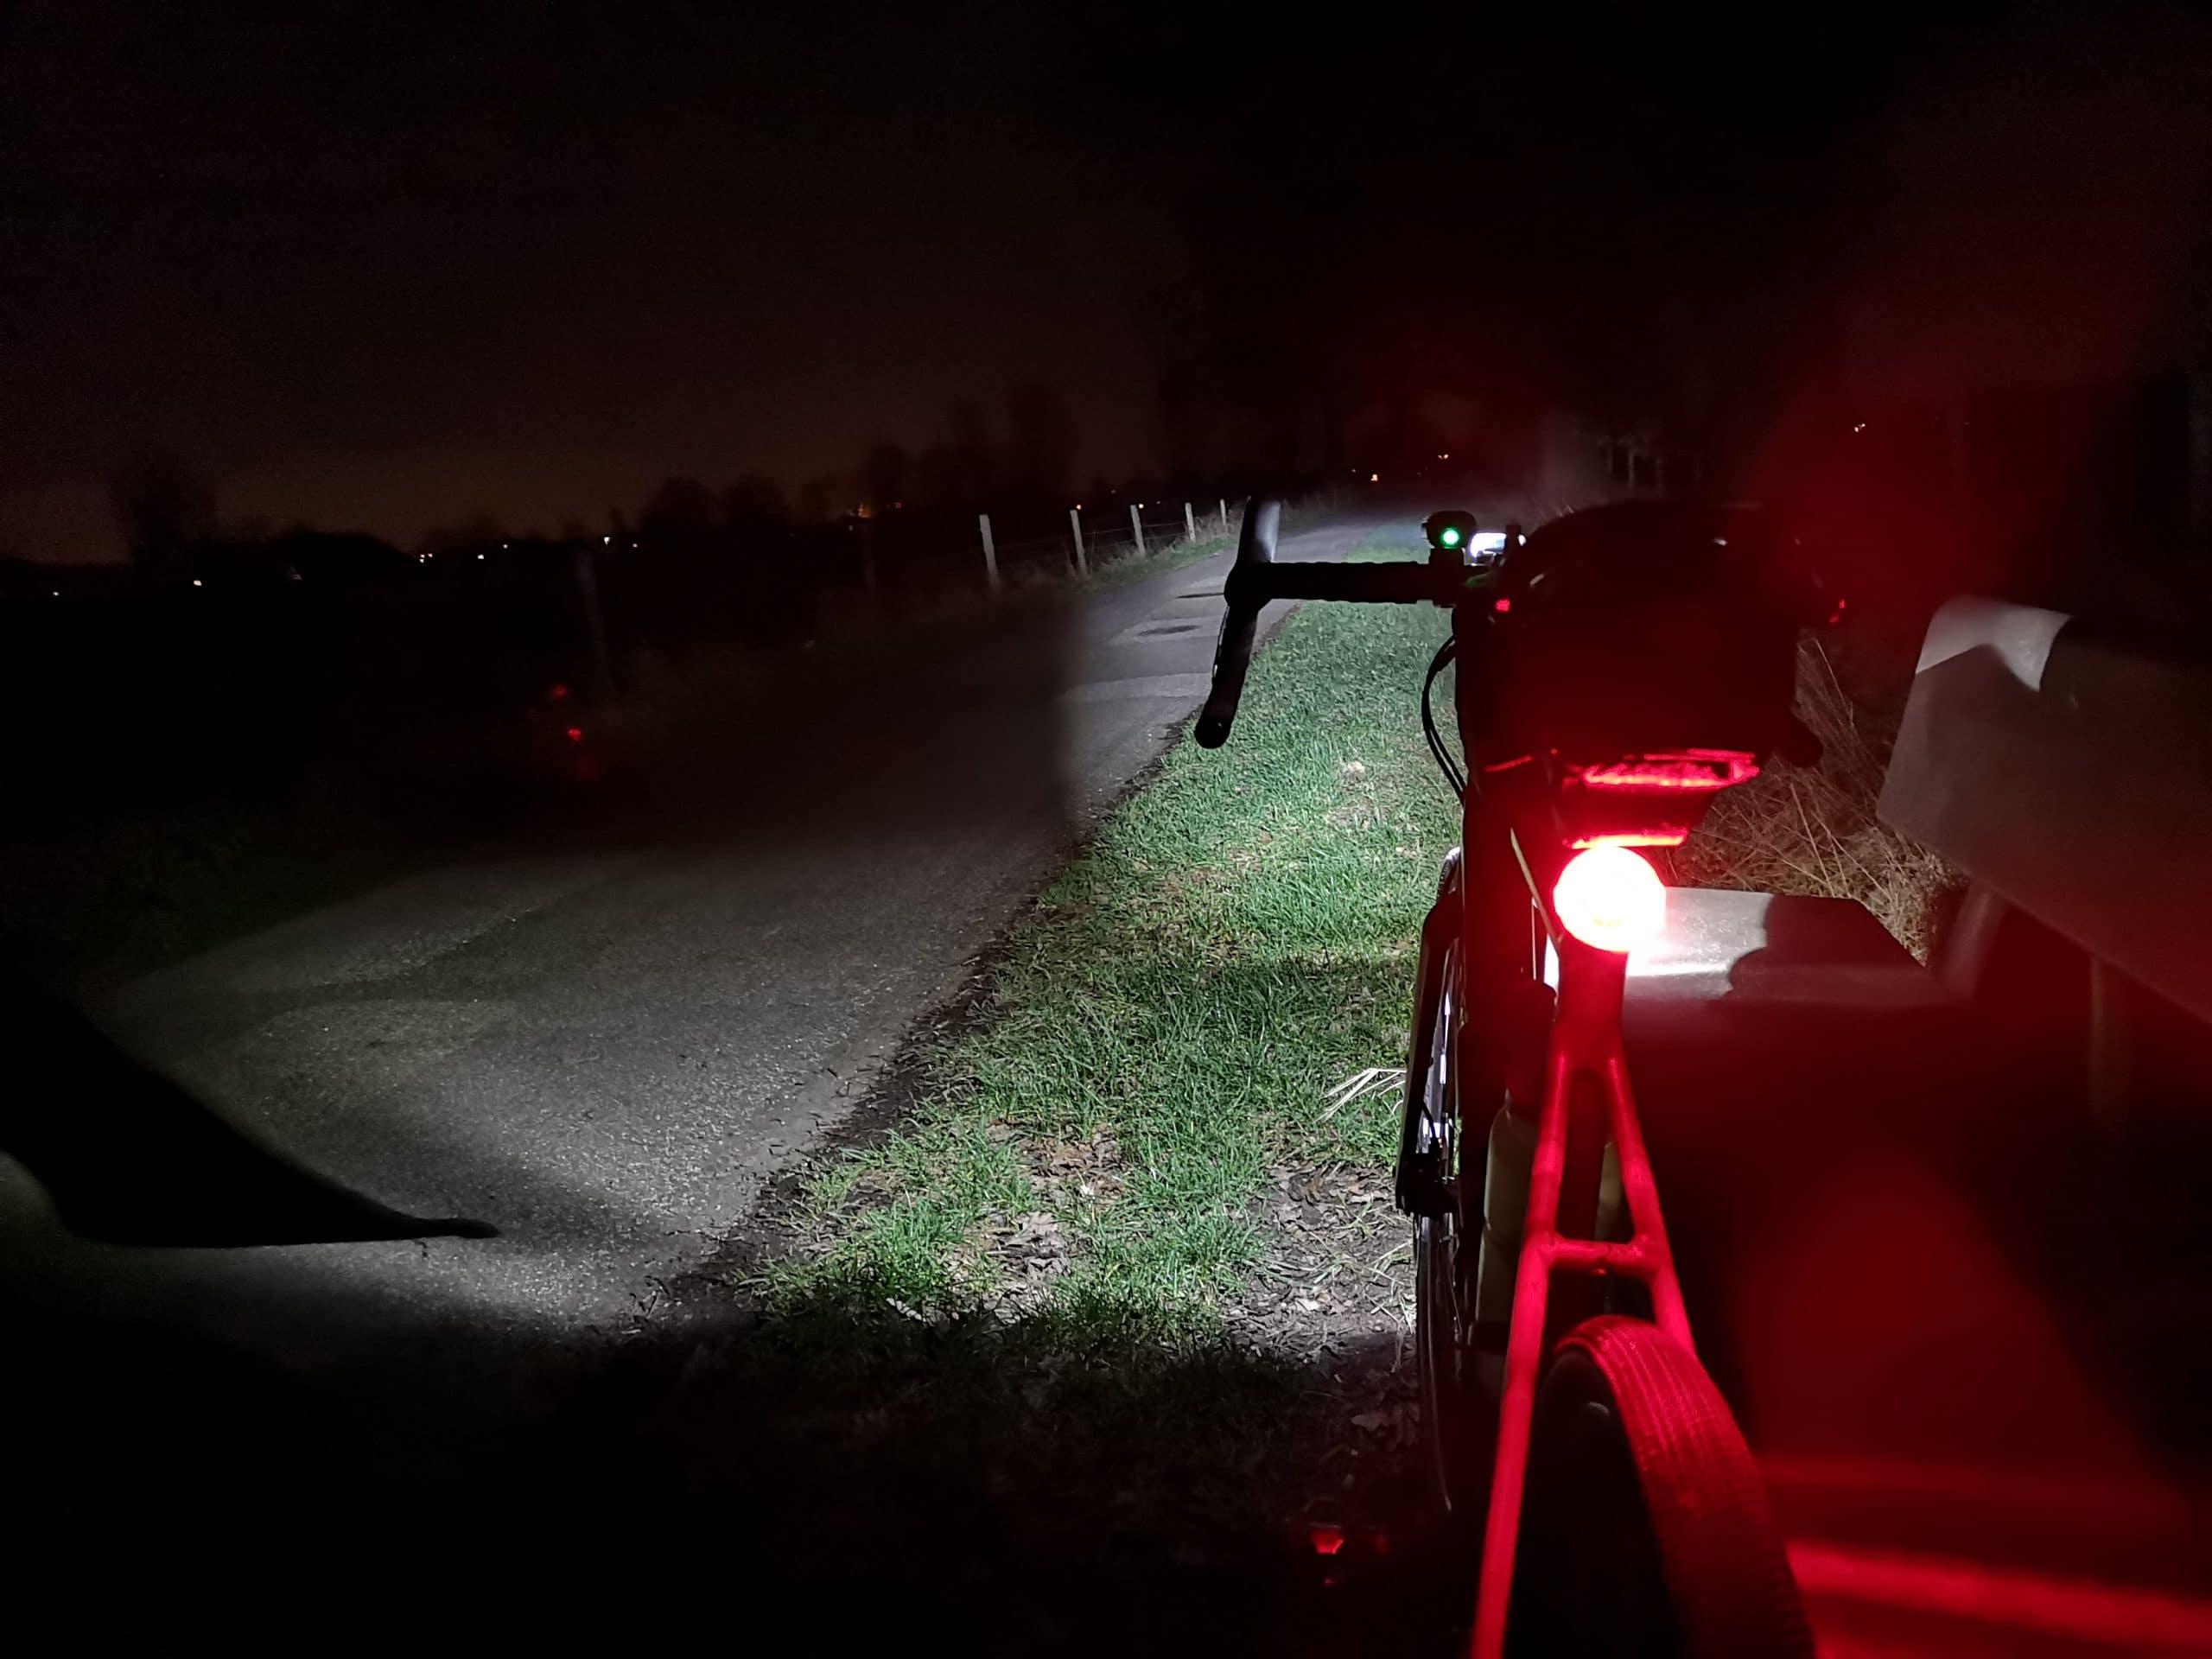 Fahrrad im dunklen mit Licht